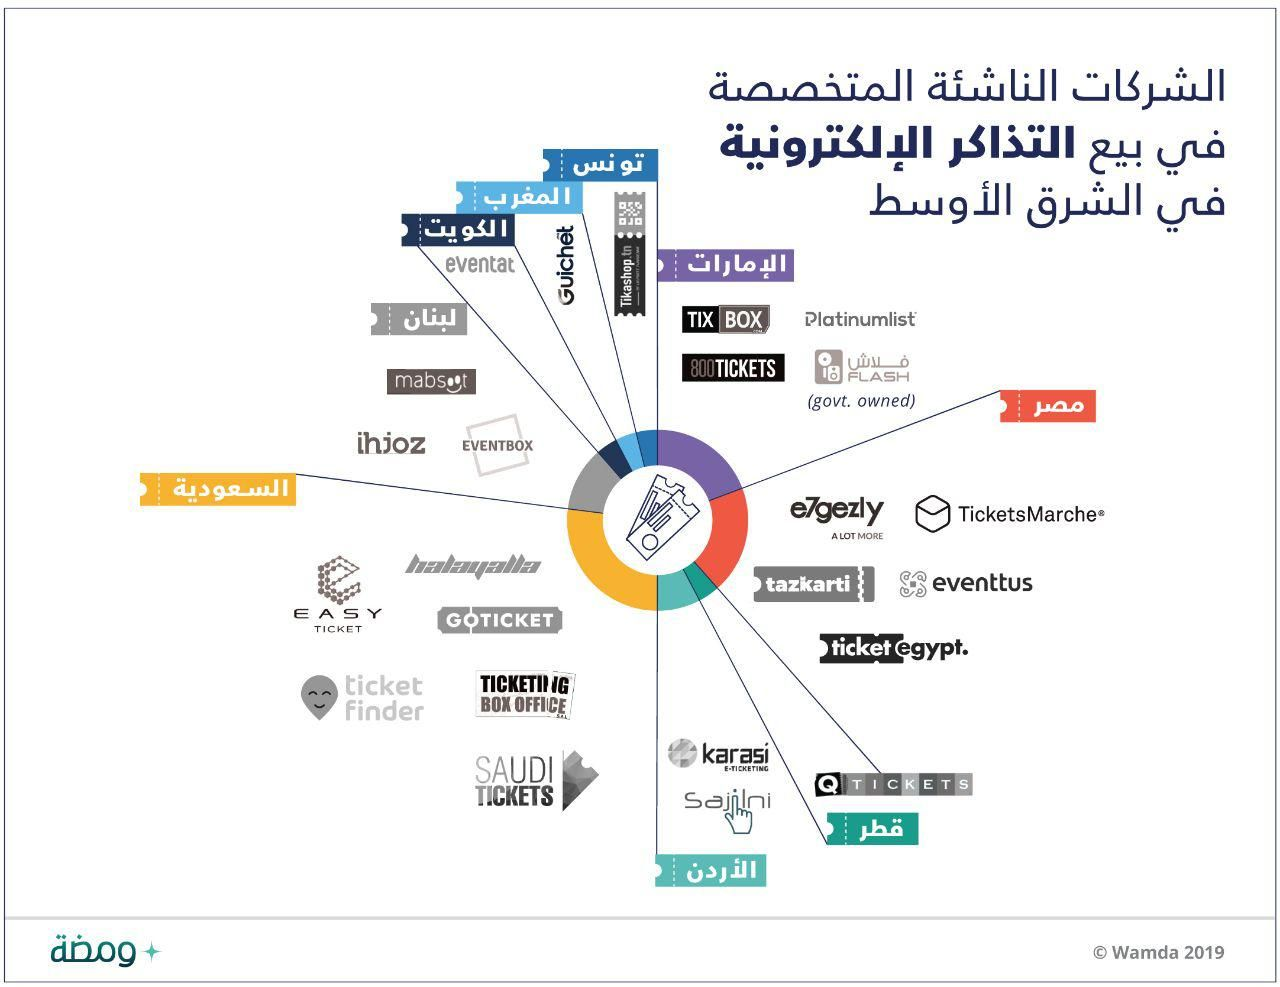 الشركات الناشئة في الشرق الأوسط وشمال إفريقيا تستعين بالتكنولوجيا الرقمية في تنظيم الفعاليات